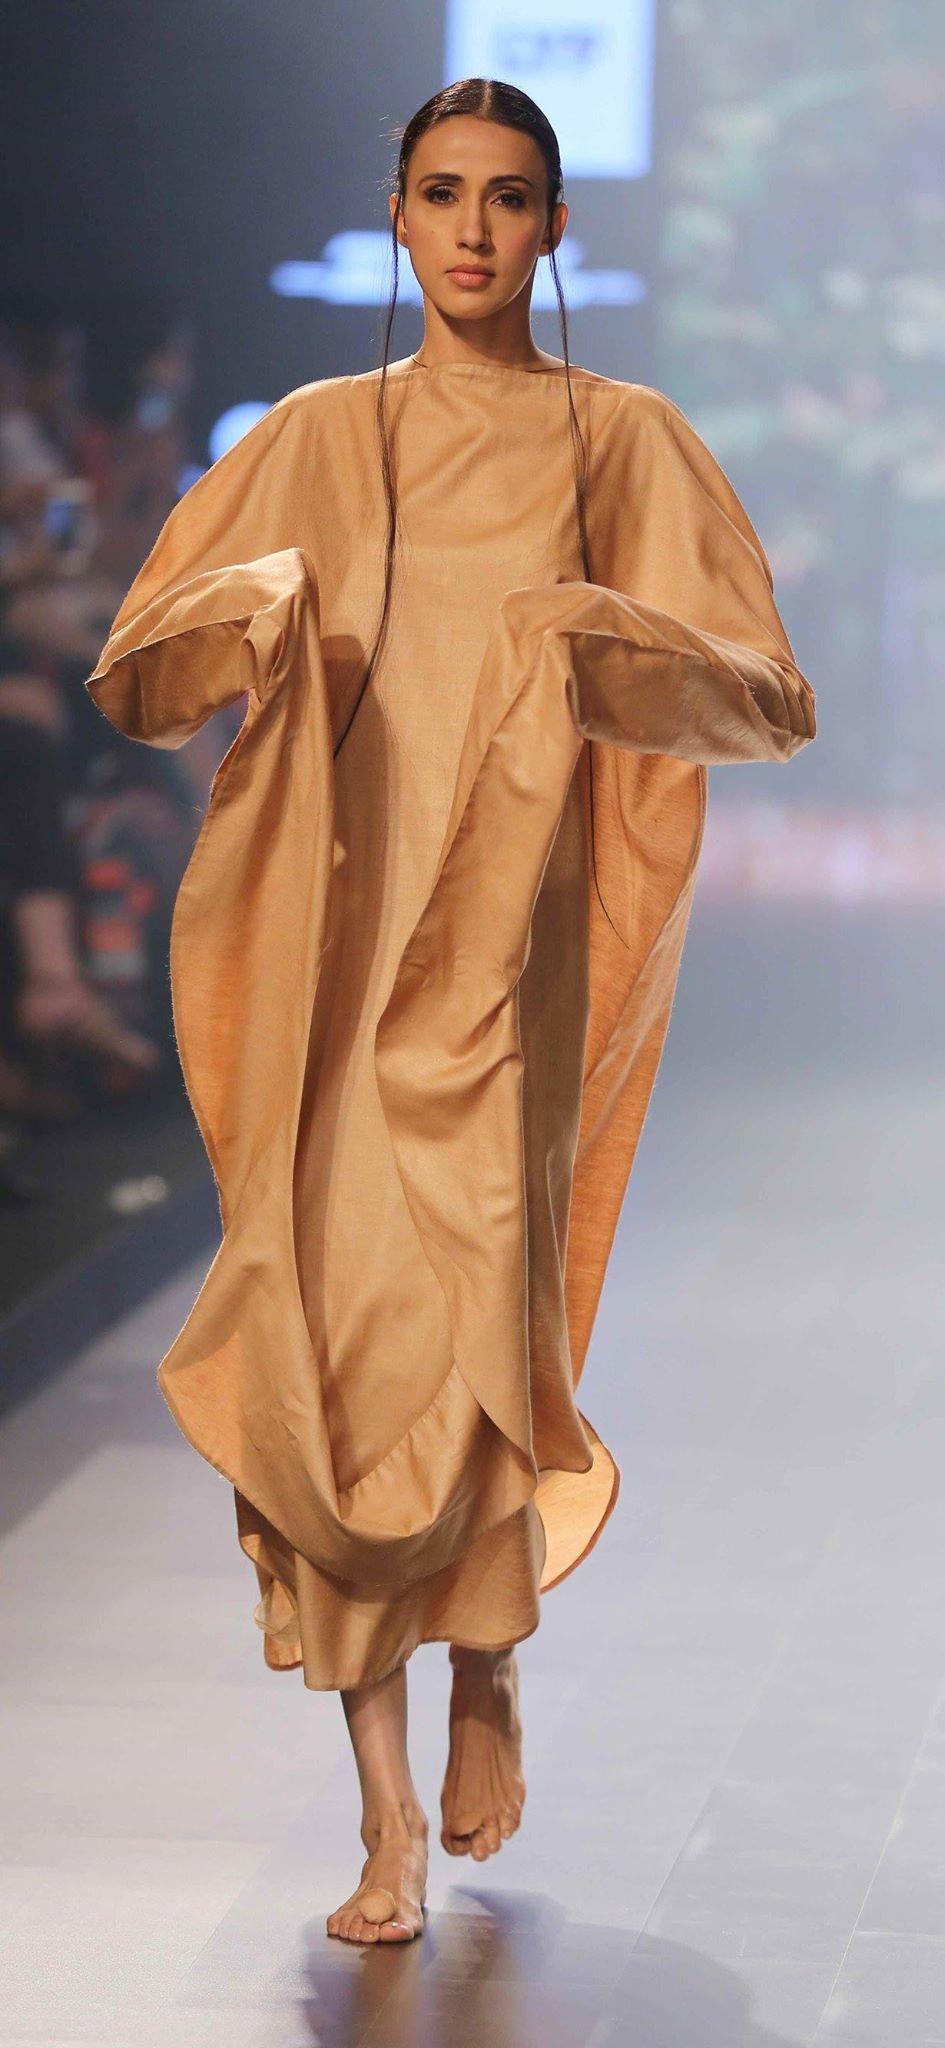 Lakme fashion week images 77